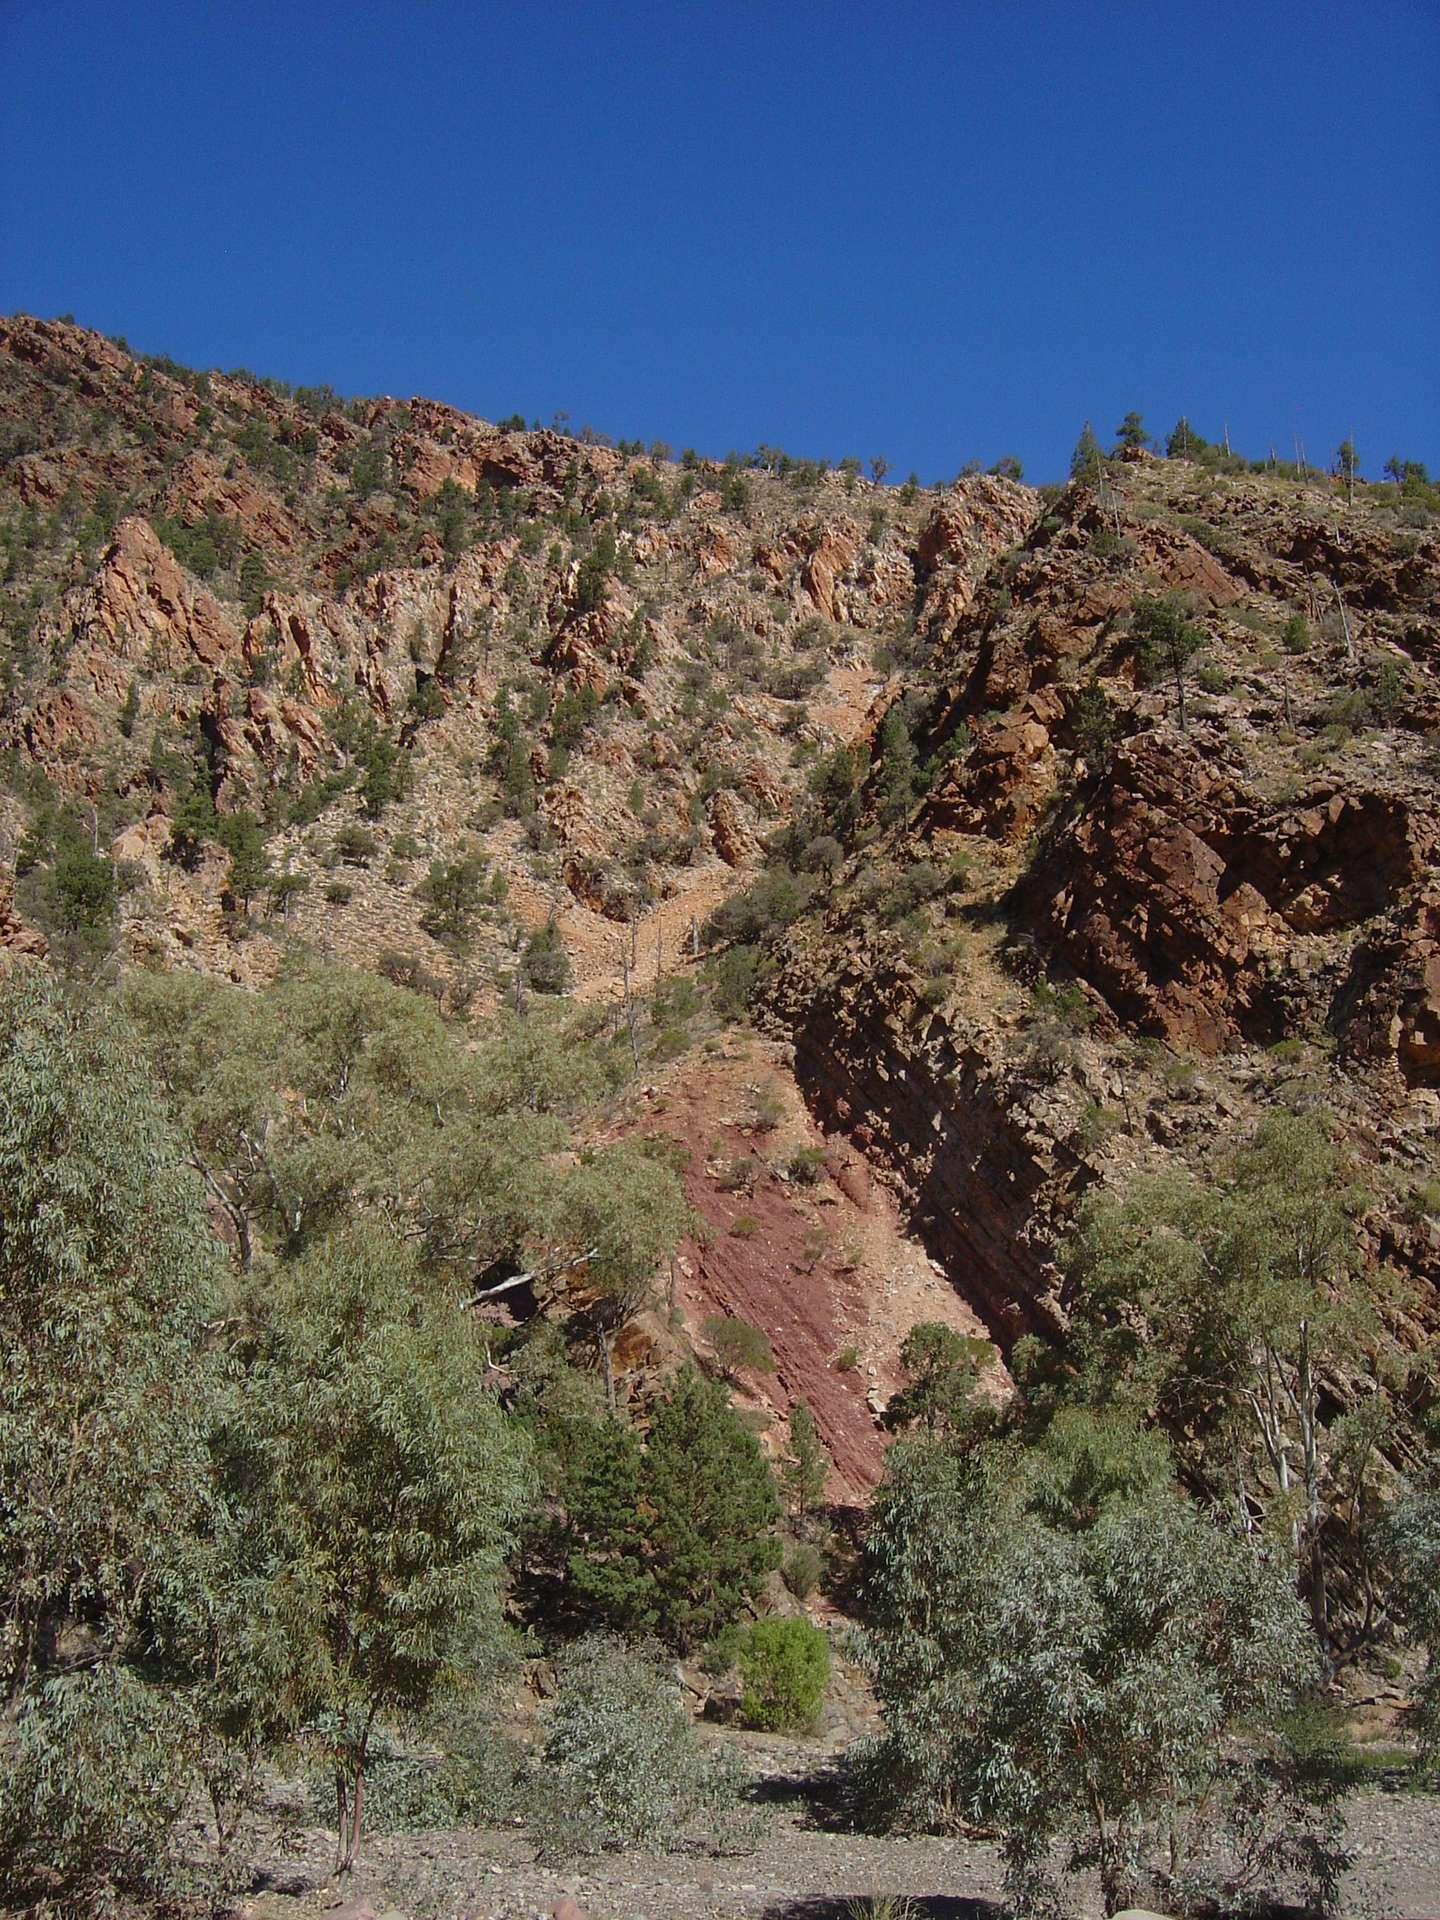 Le site géologique de Brachina Gorge (Australie) contient plusieurs successions de paléosols et de roches sédimentaires. Le niveau de la mer variait fortement durant l'Édiacarien. Des roches formées sous l'eau pouvaient donc rapidement se retrouver exondées, donc exposées aux éléments, ce qui justifierait les observations de Gregory Retallack, mais pas ses conclusions. © Gregory Retallack